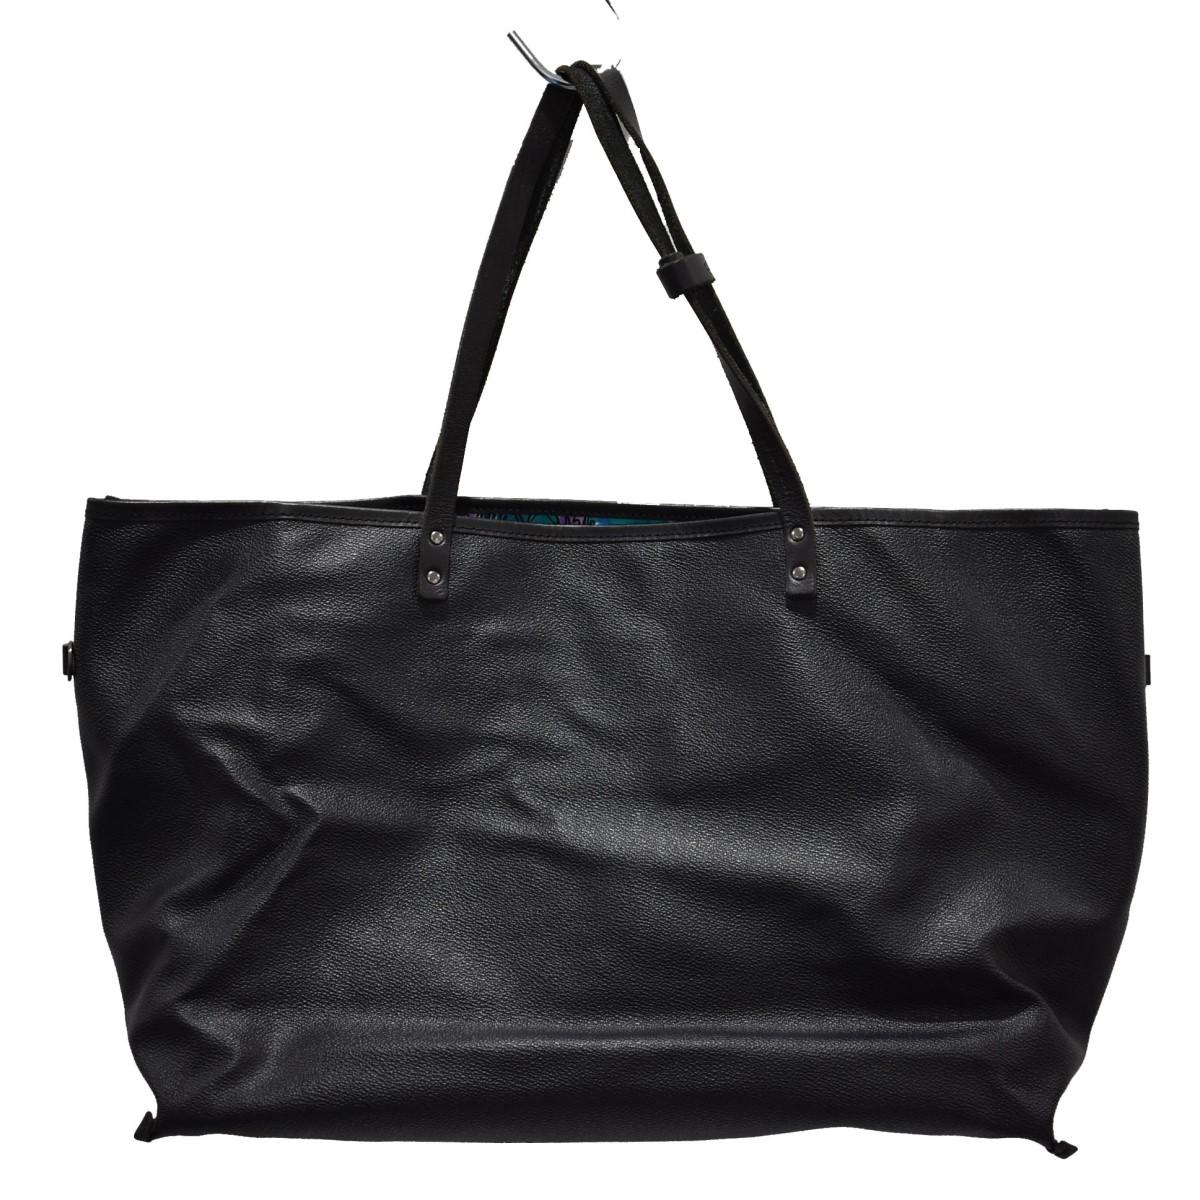 【中古】Stussy ×JAM HOME MADE Secret Chango Black Ride Tote Bag ブラック 【010420】(ステューシー)